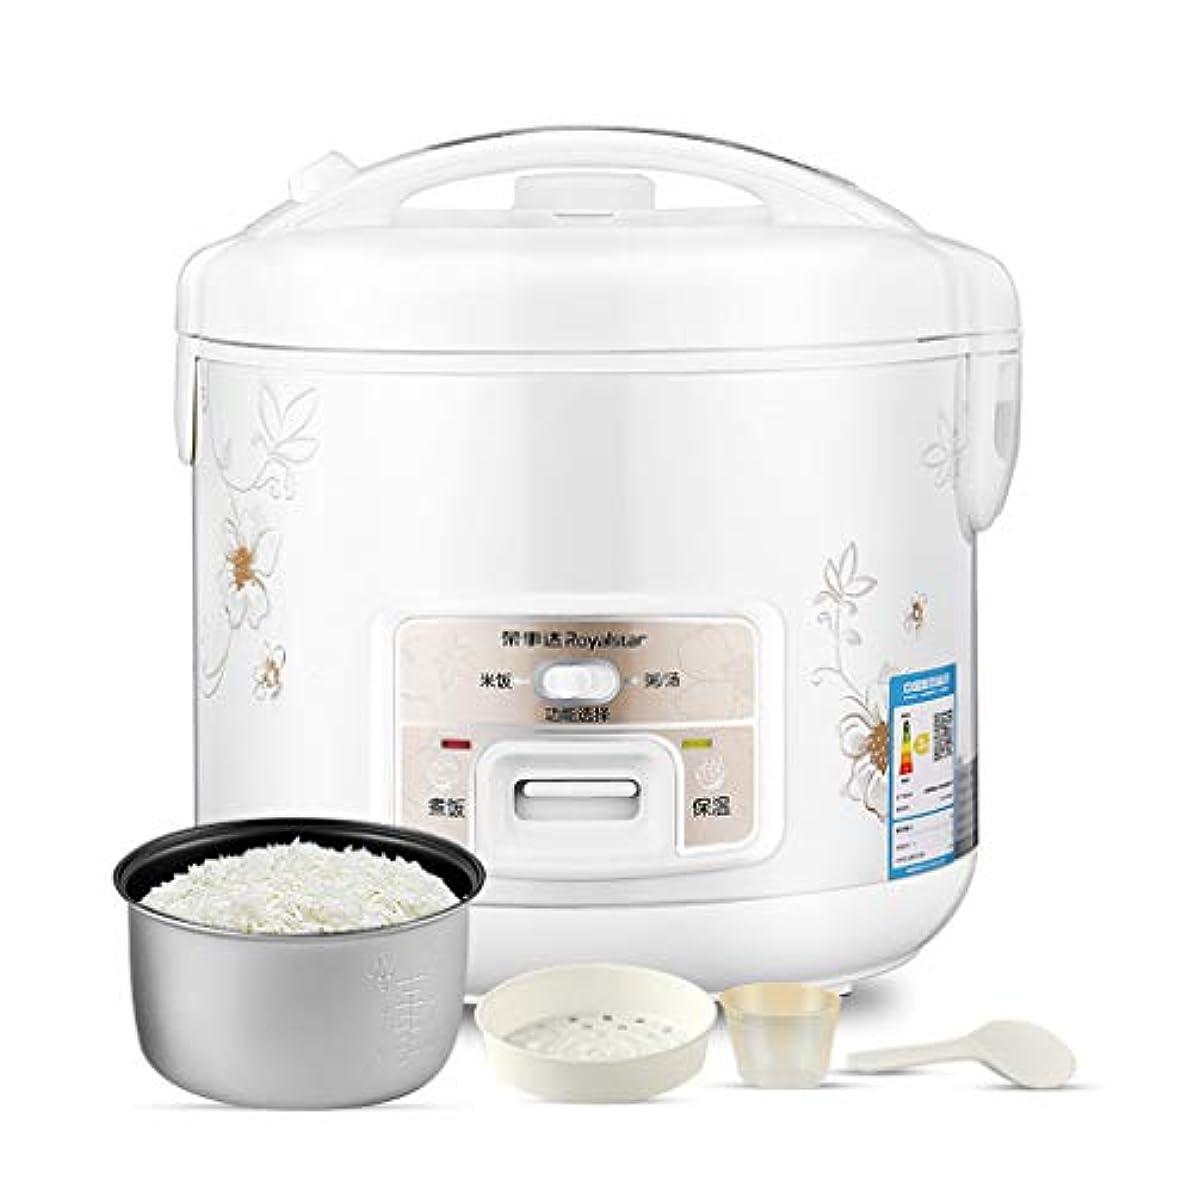 関数気配りのある公園料理用二重炊飯器4L、ステンレス鋼製内鍋とプラスチックスチーマー、スチーム炊飯器7カップ付き白電気炊飯器